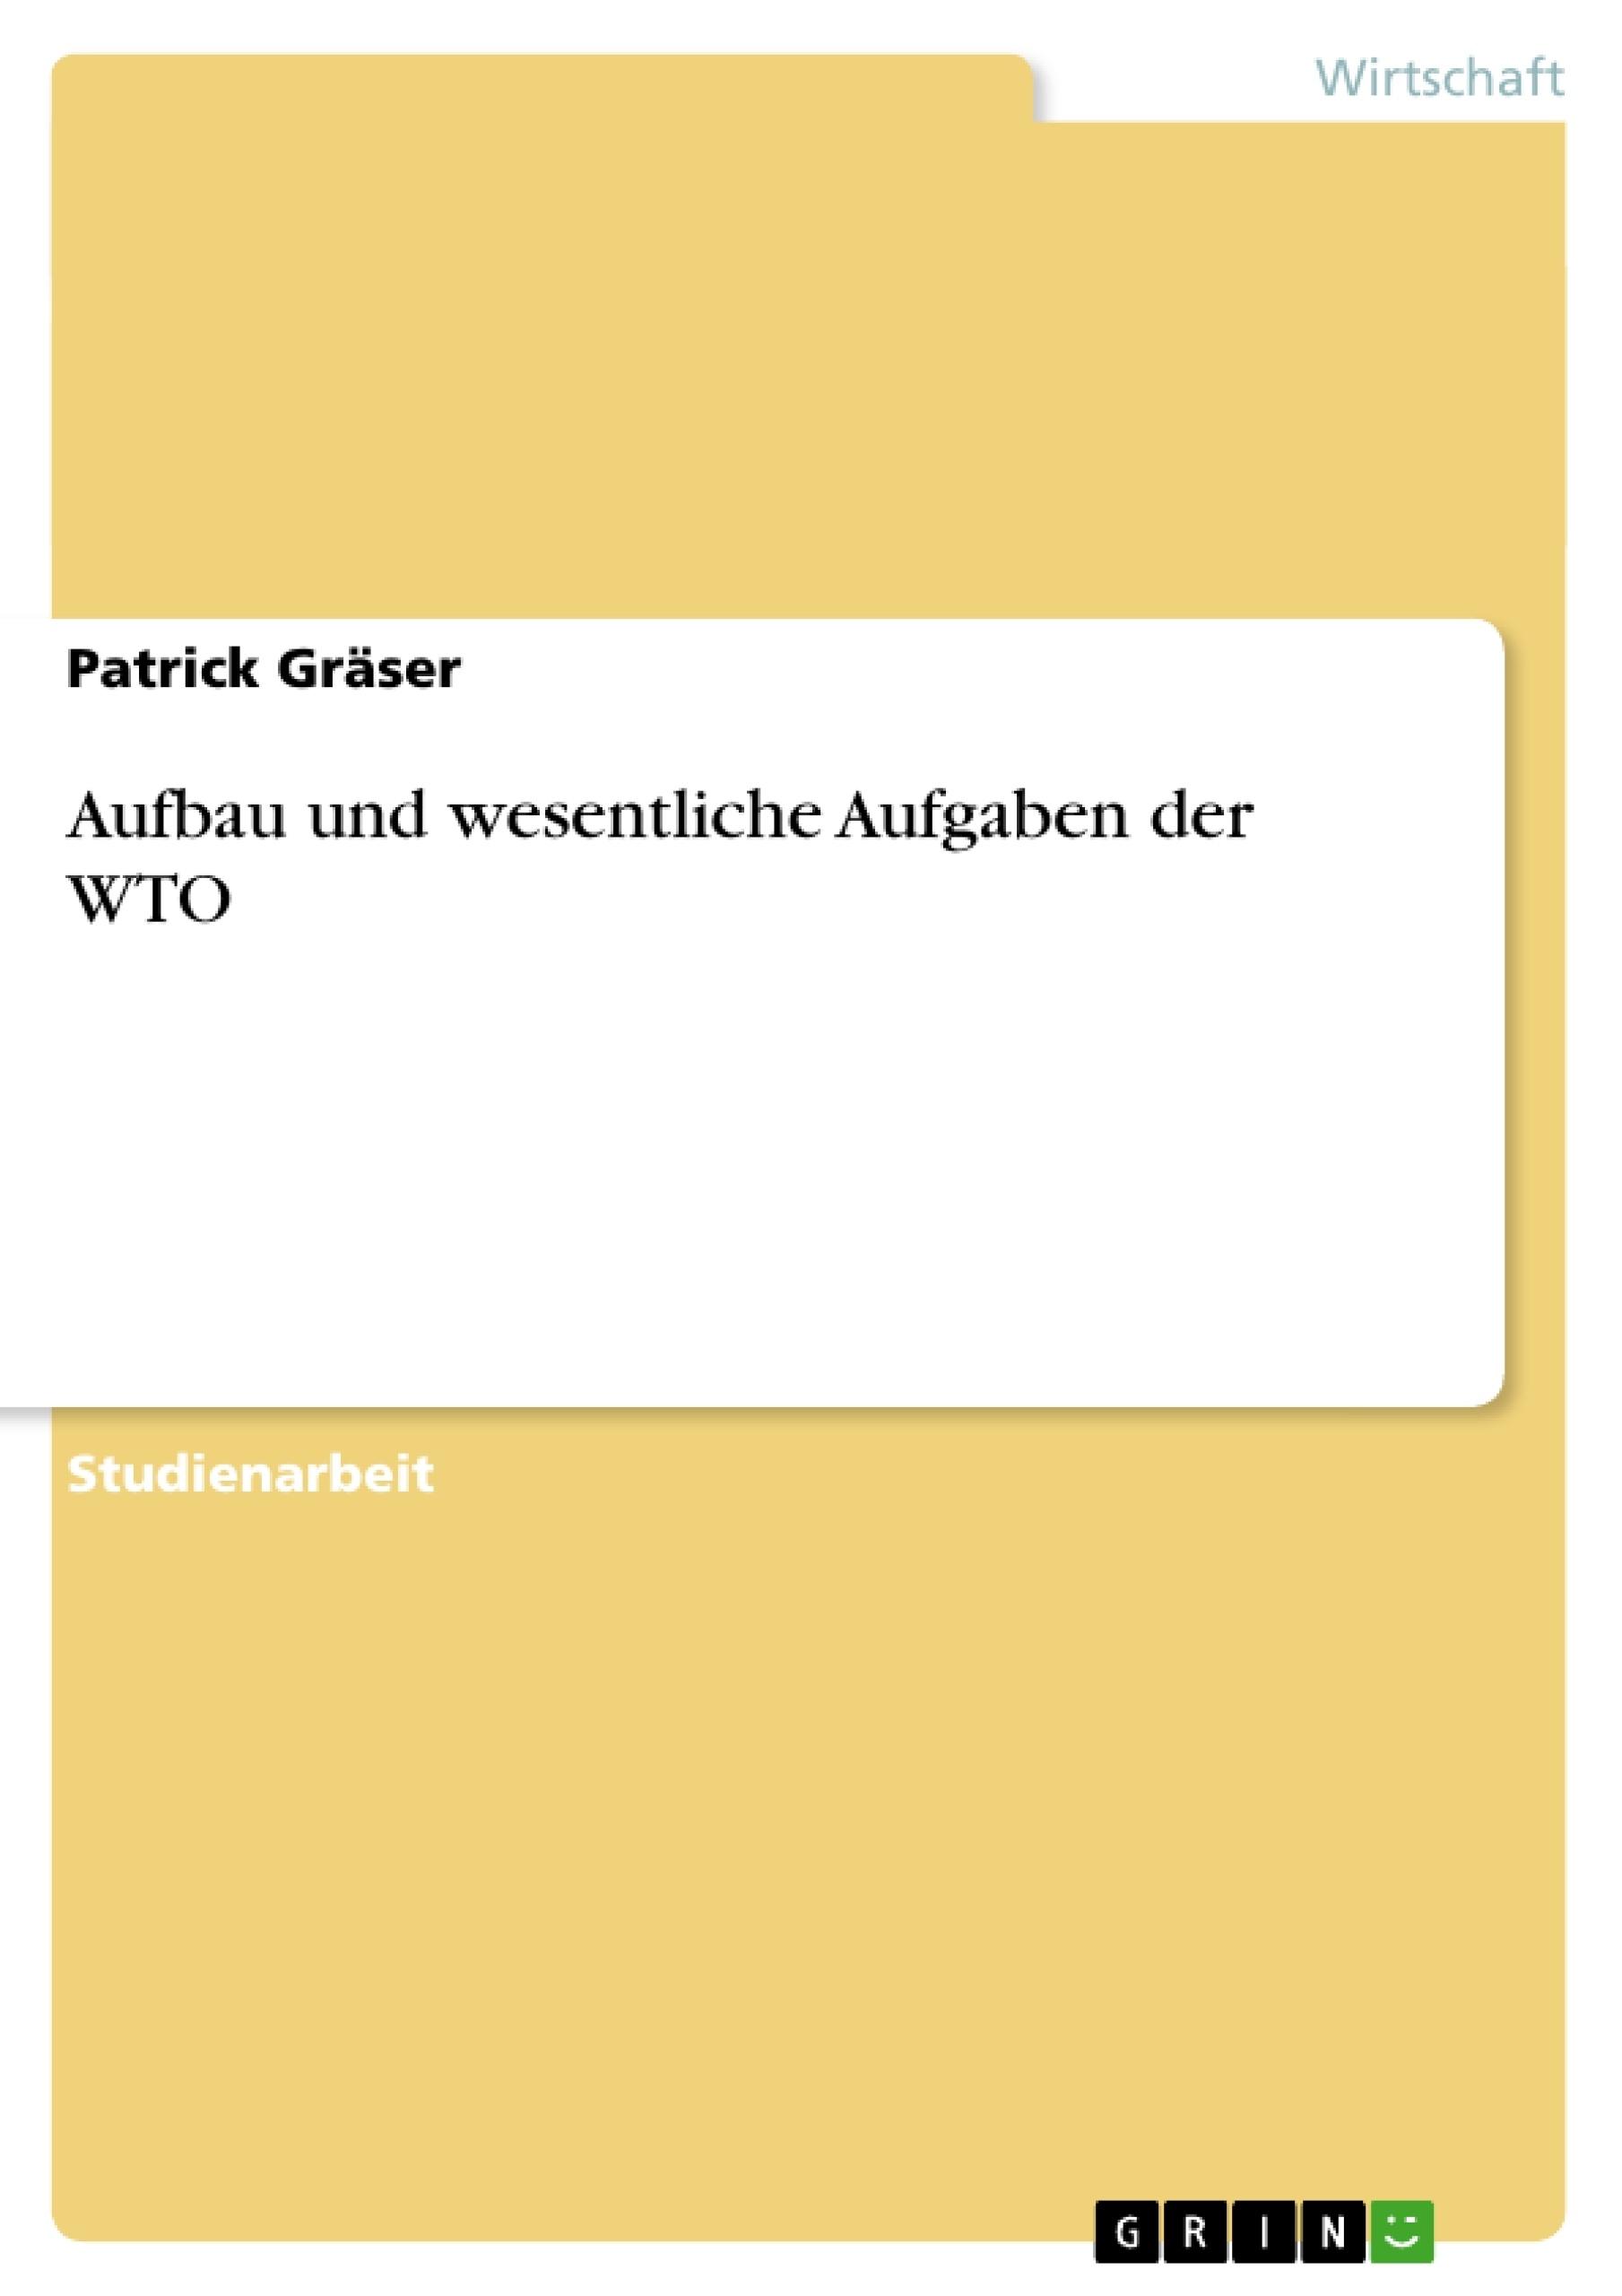 Titel: Aufbau und wesentliche Aufgaben der WTO